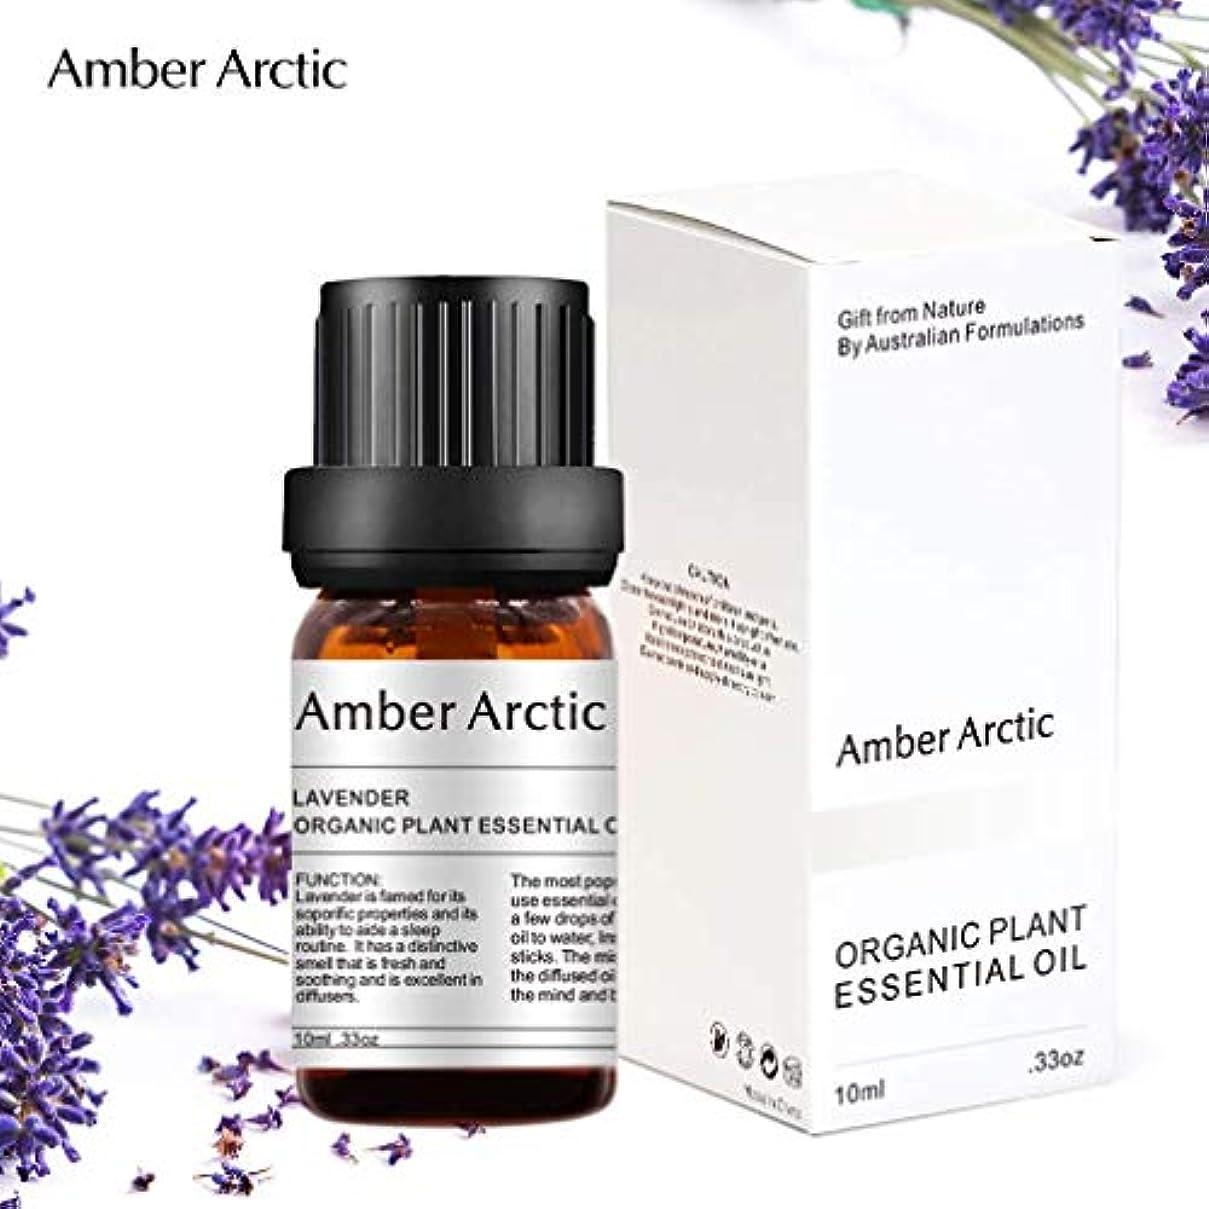 最終税金自発Amber Arctic ラベンダー エッセンシャル オイル - 100% 純粋 最良 治療 グレード エッセンシャル オイル、 ディフューザー 用 天然 アロマ オイル (10ミリリットル)